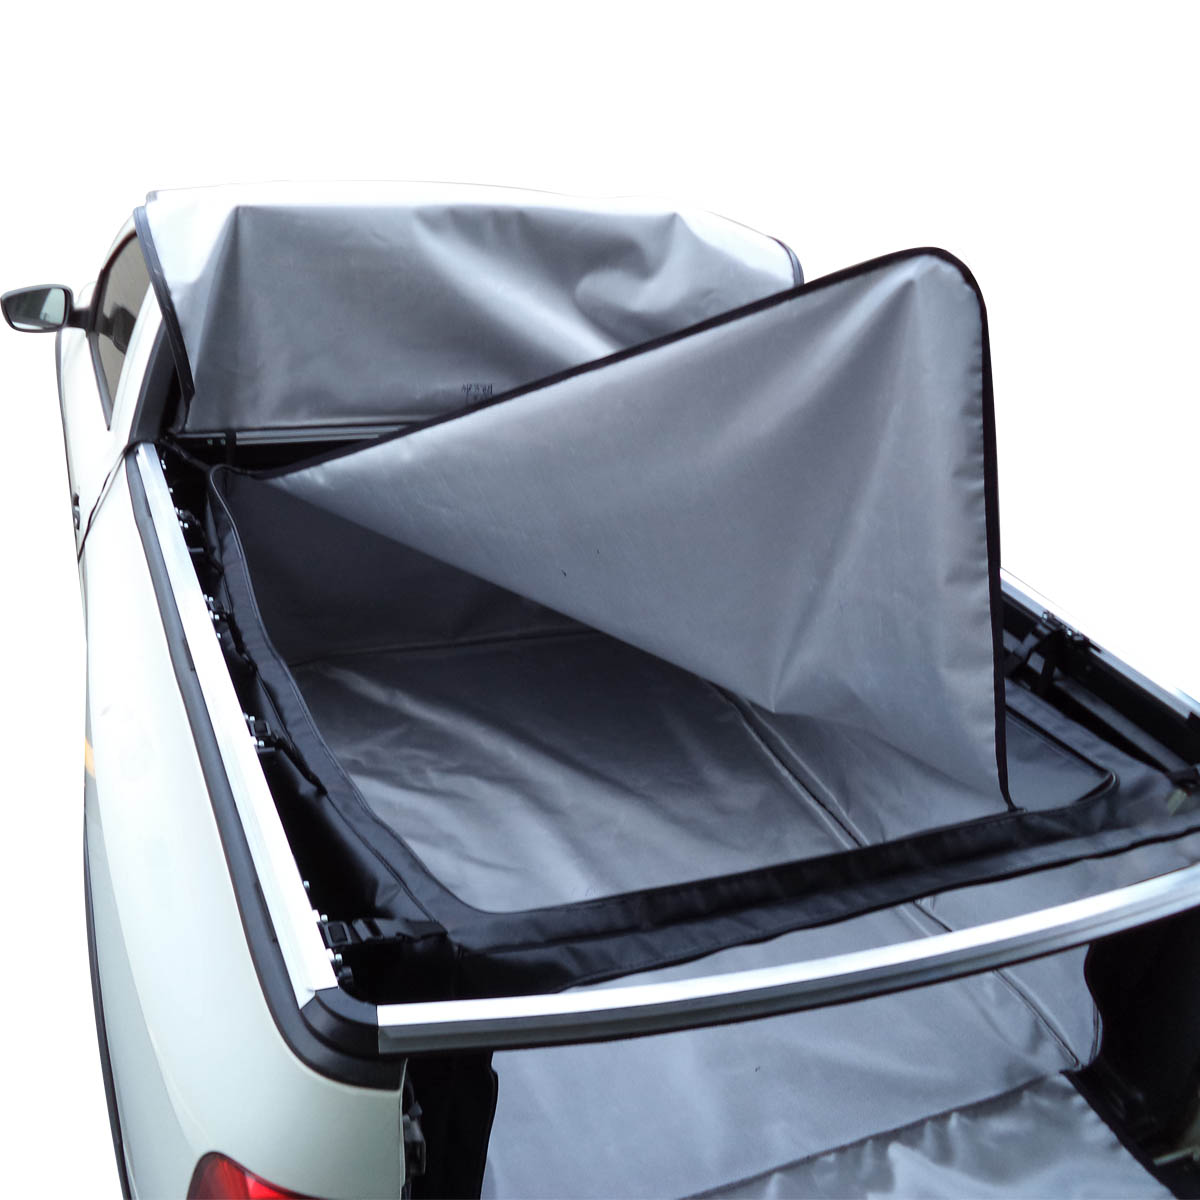 Bolsa ca�amba estendida horizontal L200 Sport 2004 a 2007 ou L200 Outdoor 2007 a 2012